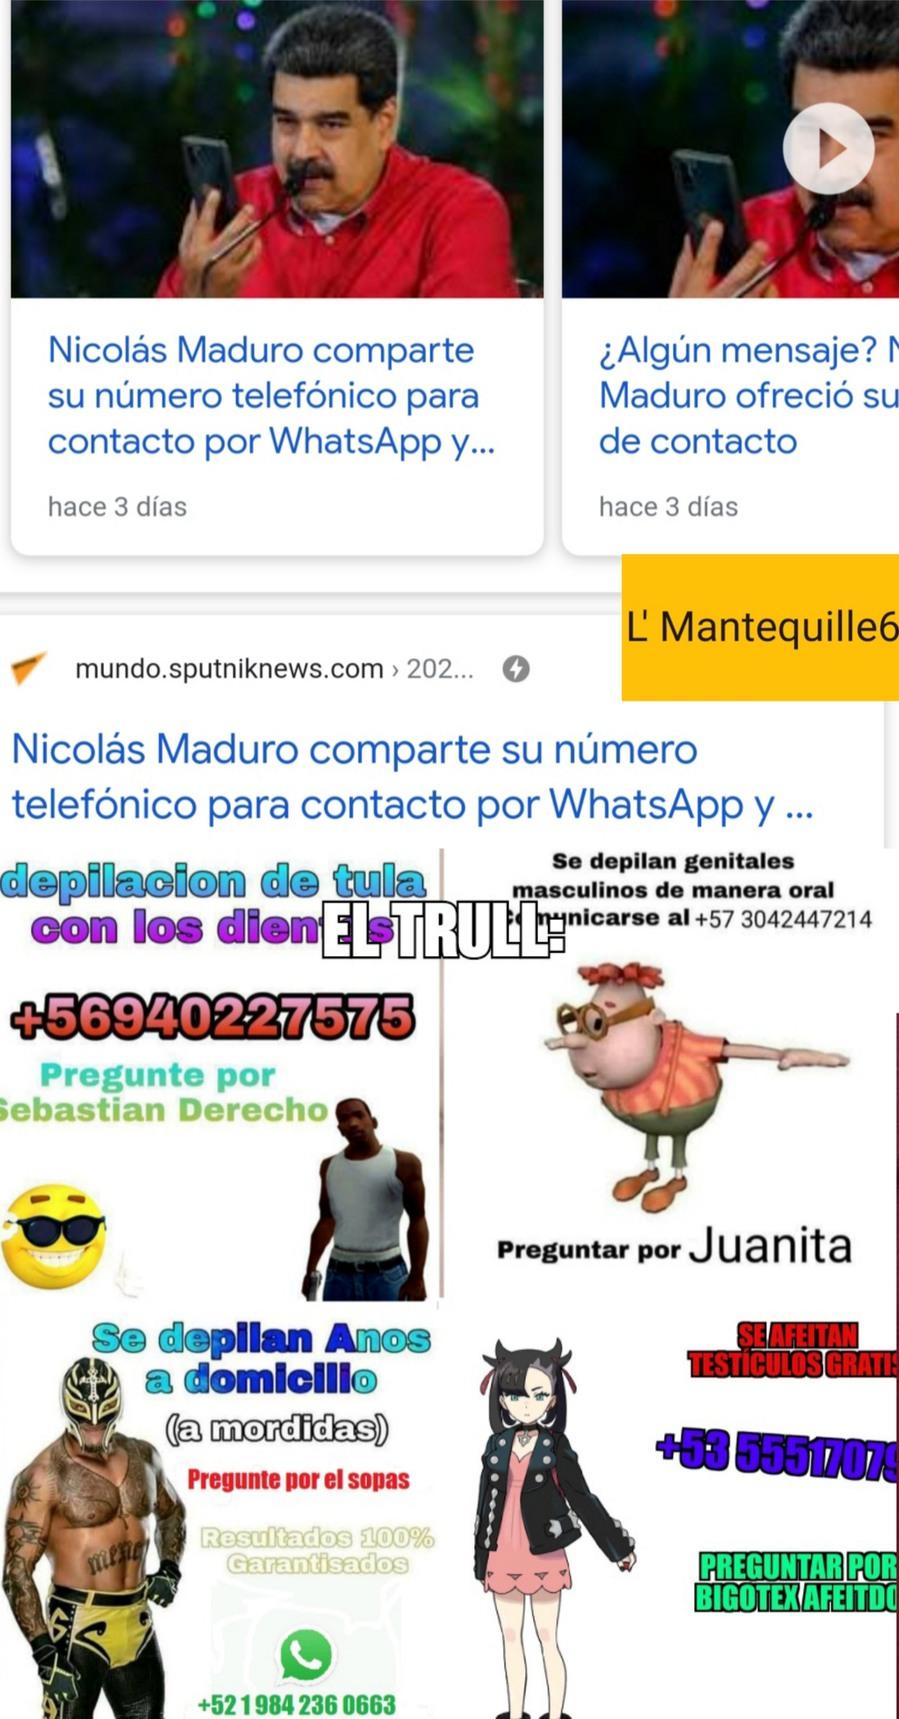 L'Mantequille D' Manille6 - meme